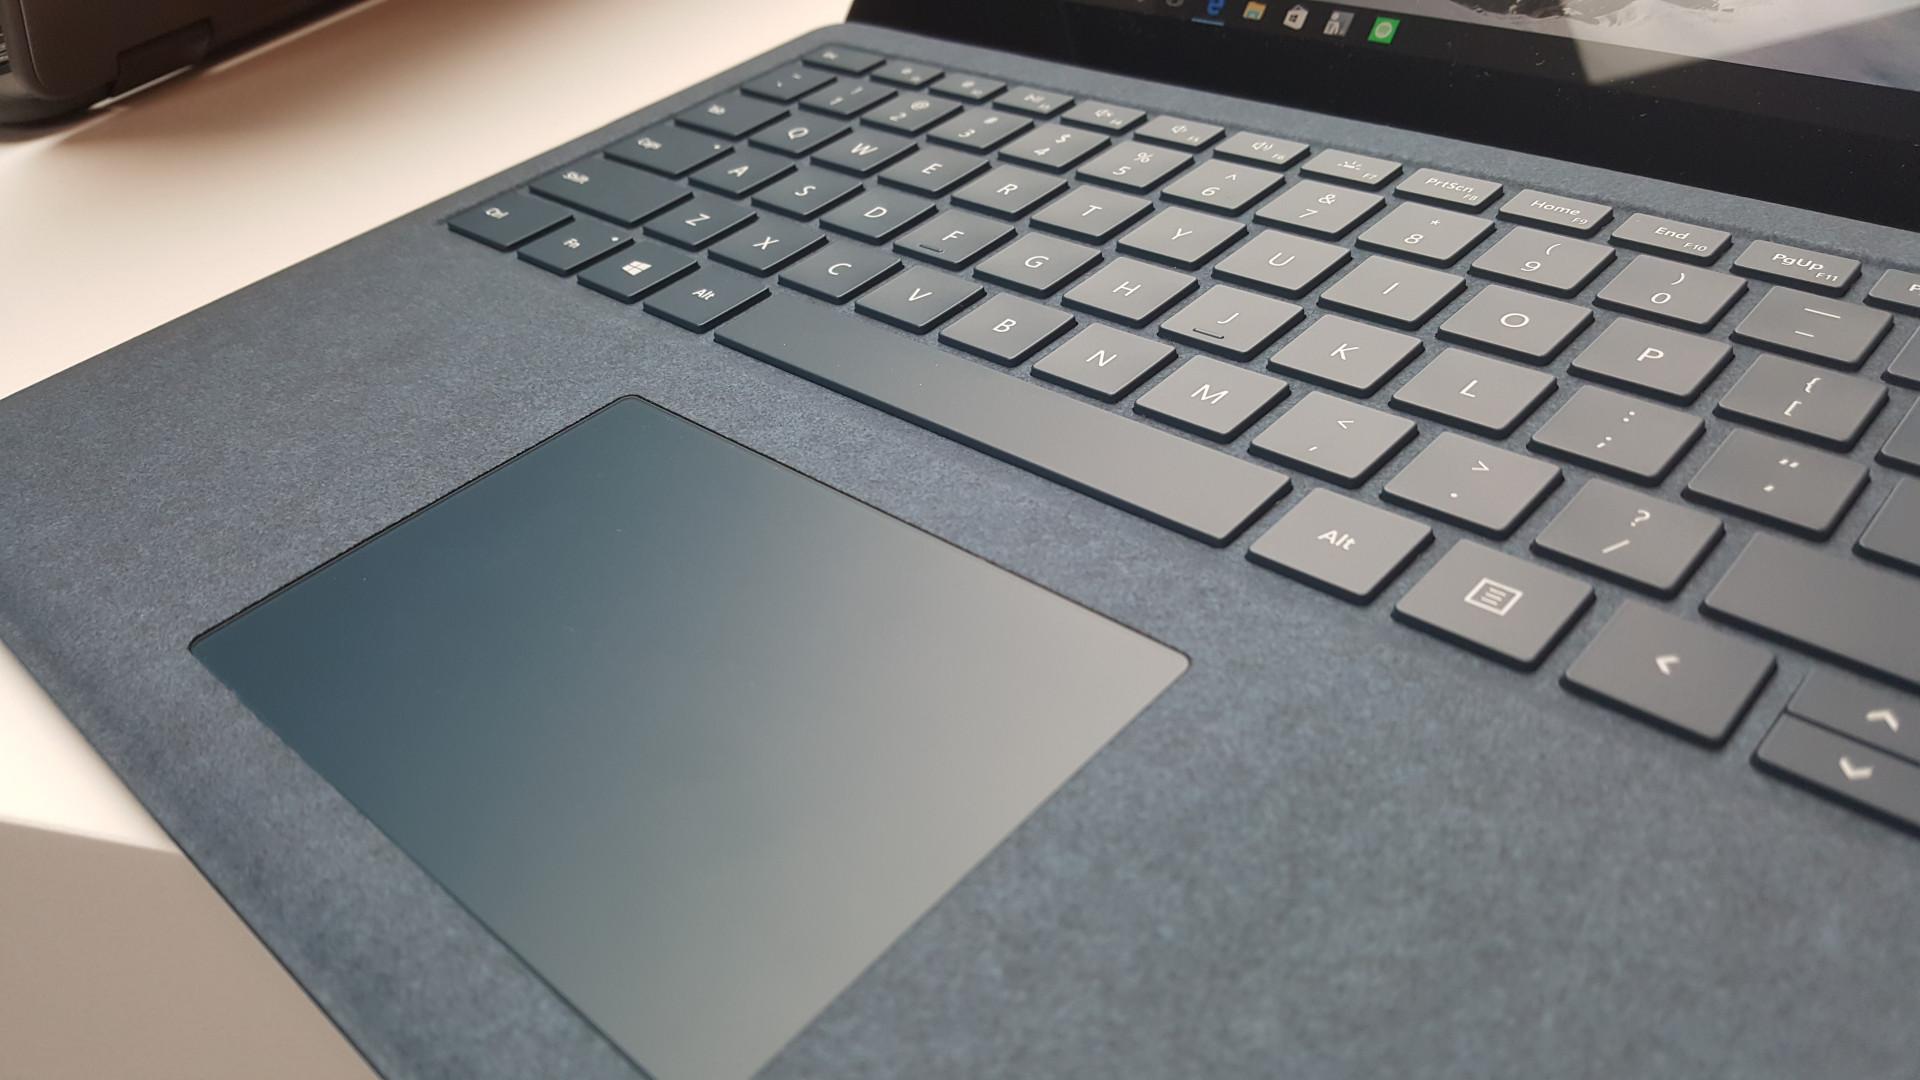 서피스 랩톱의 터치패드와 키보드는 서피스 프로 4와 매우 비슷하다.